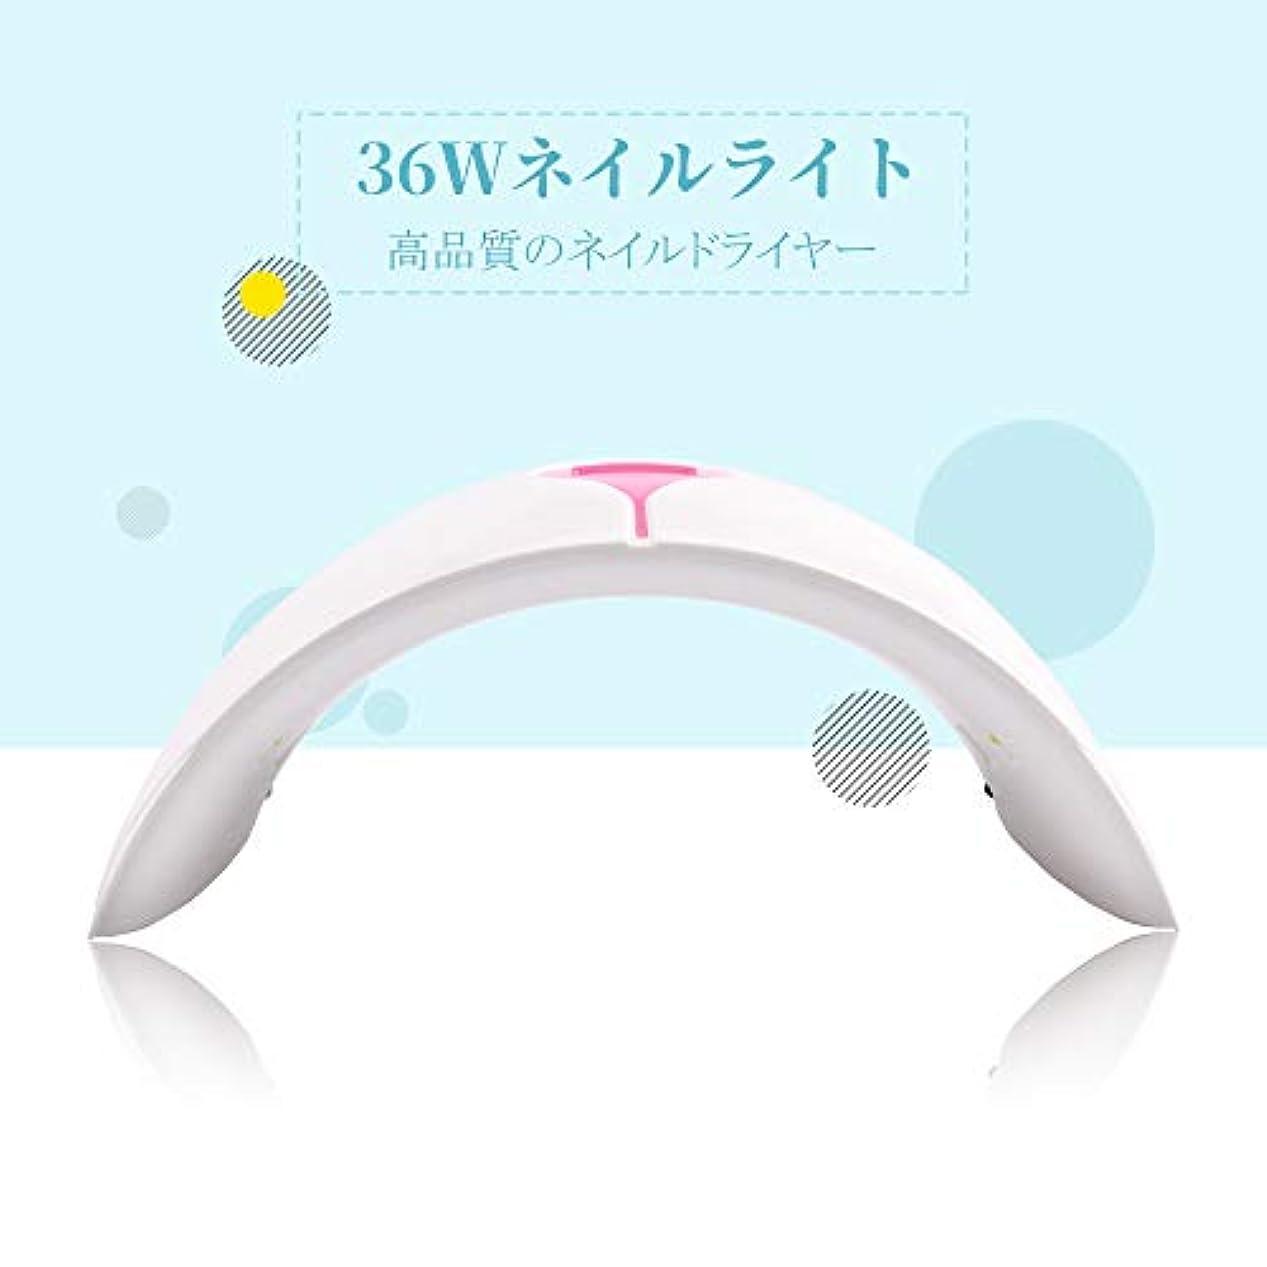 結論オープナー不器用PHOENIXY 36Wネイルライト 人感センサー LED/UVライト 15pcs UVライト 硬化用ネイルランプ すべてのゲルに対応 プラグ付き ネイルドライヤー ネイルアート用品